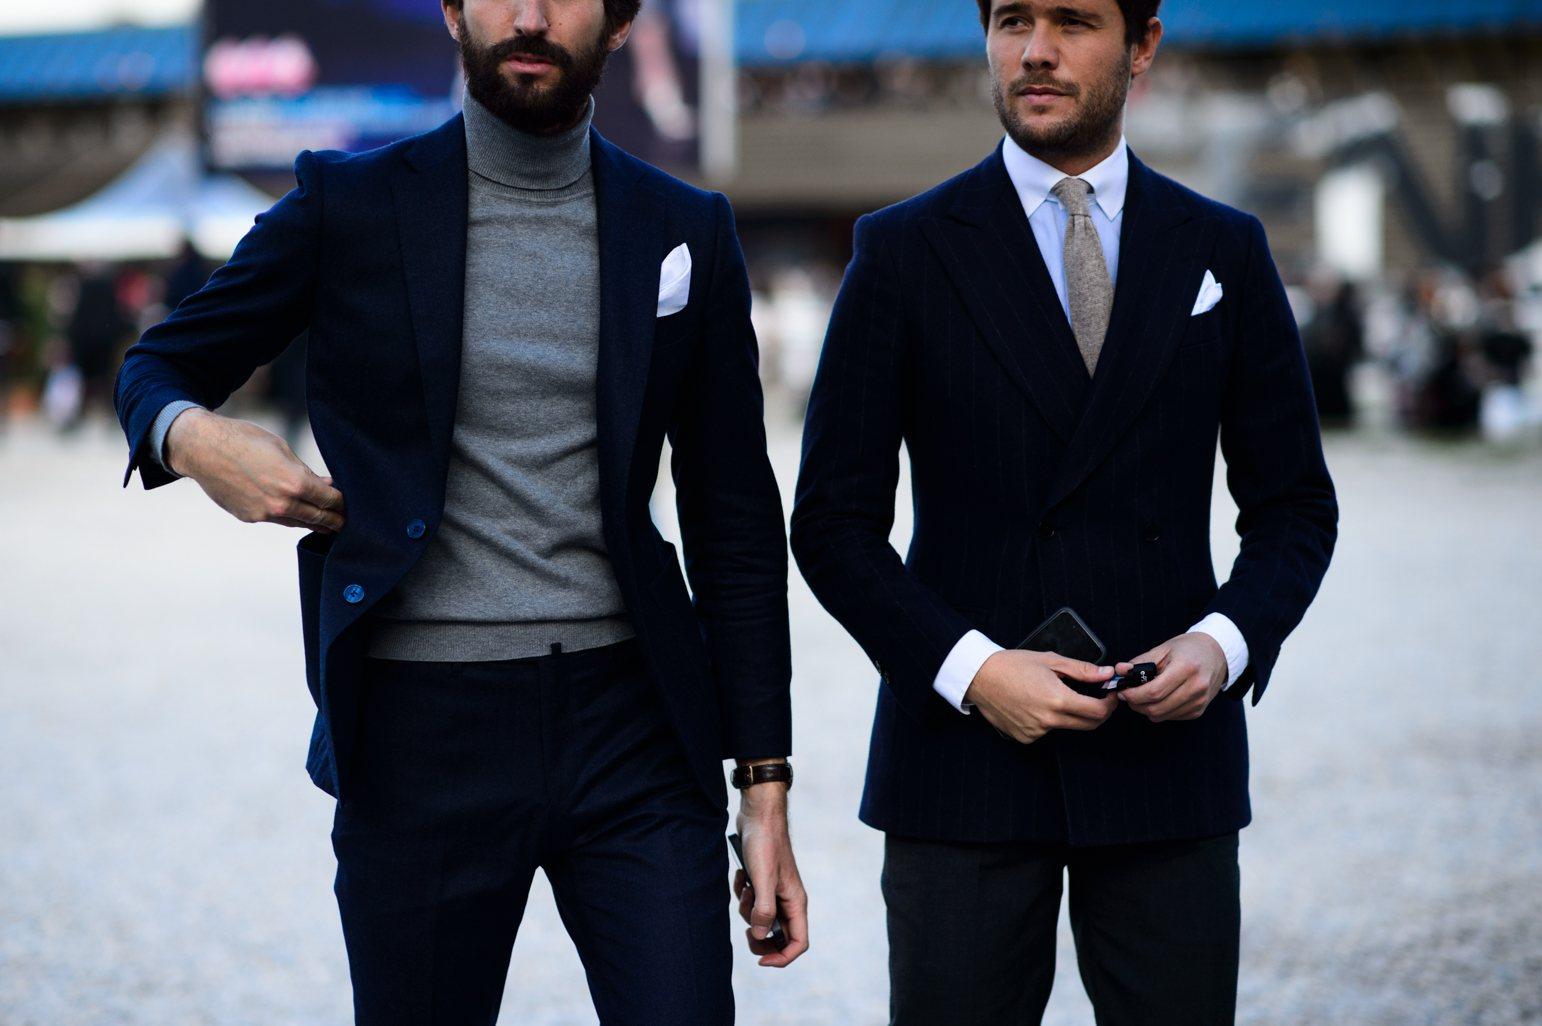 d48aa1b4ea96 Ни один модный сезон не обходится без классических модных рубашек, которые  актуальны всегда и присутствуют в гардеробе практически каждого мужчины.  Классика ...